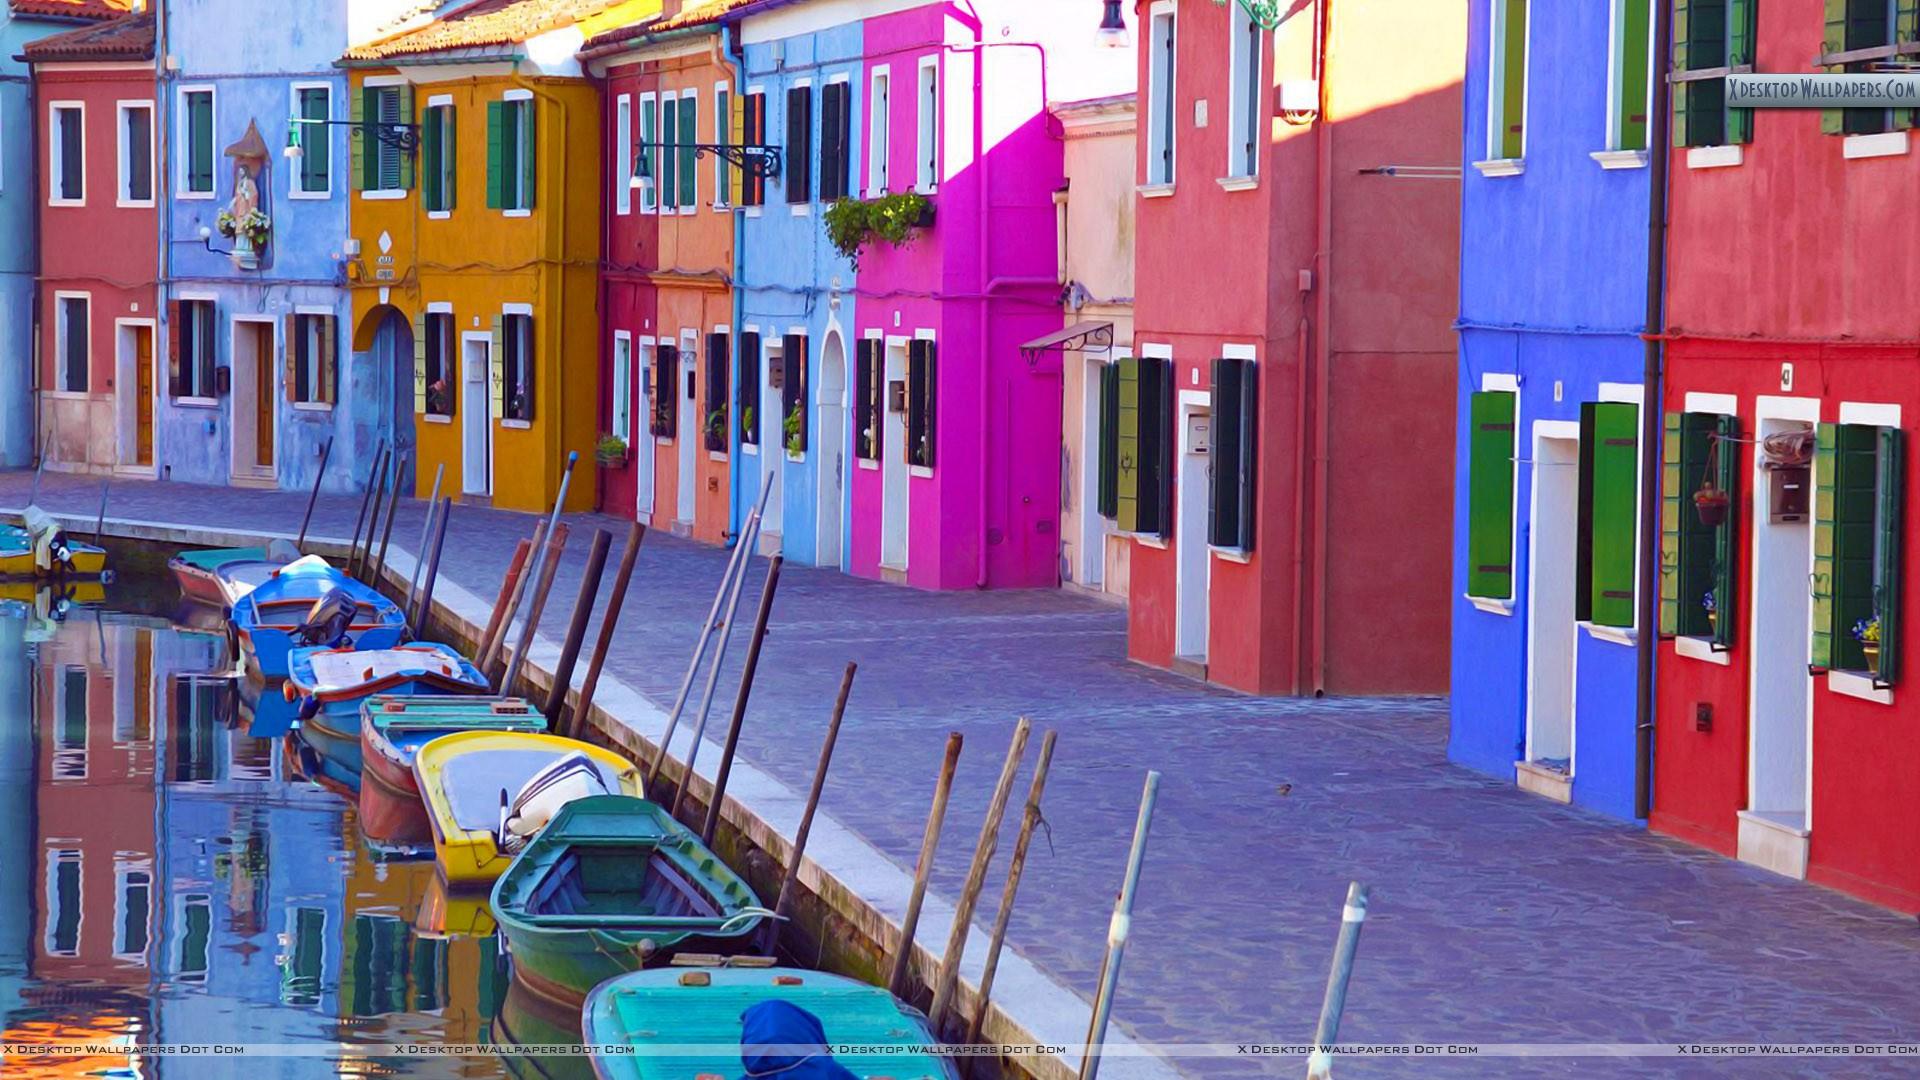 Burano Venice Italy Wallpaper 1920x1080